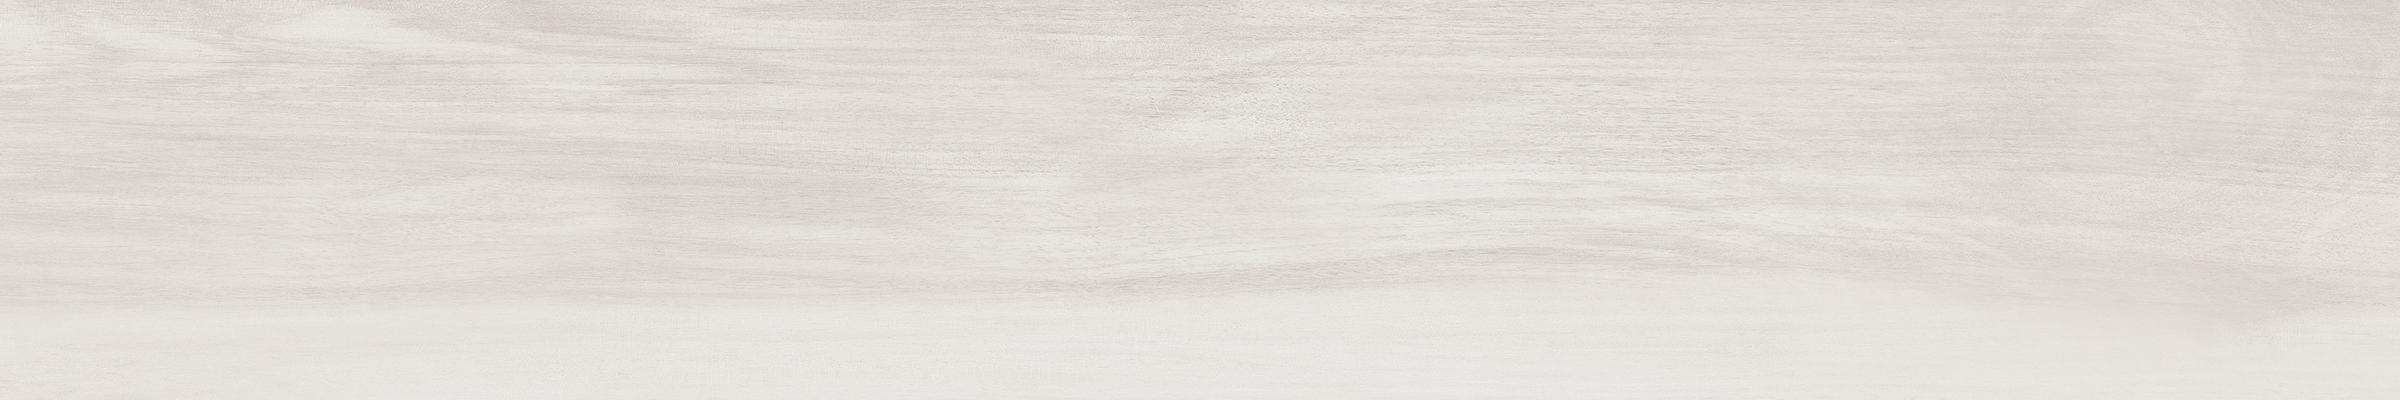 Купить Керамогранит Versace Gold 250000 Legno Bianco напольный 20х120, Италия